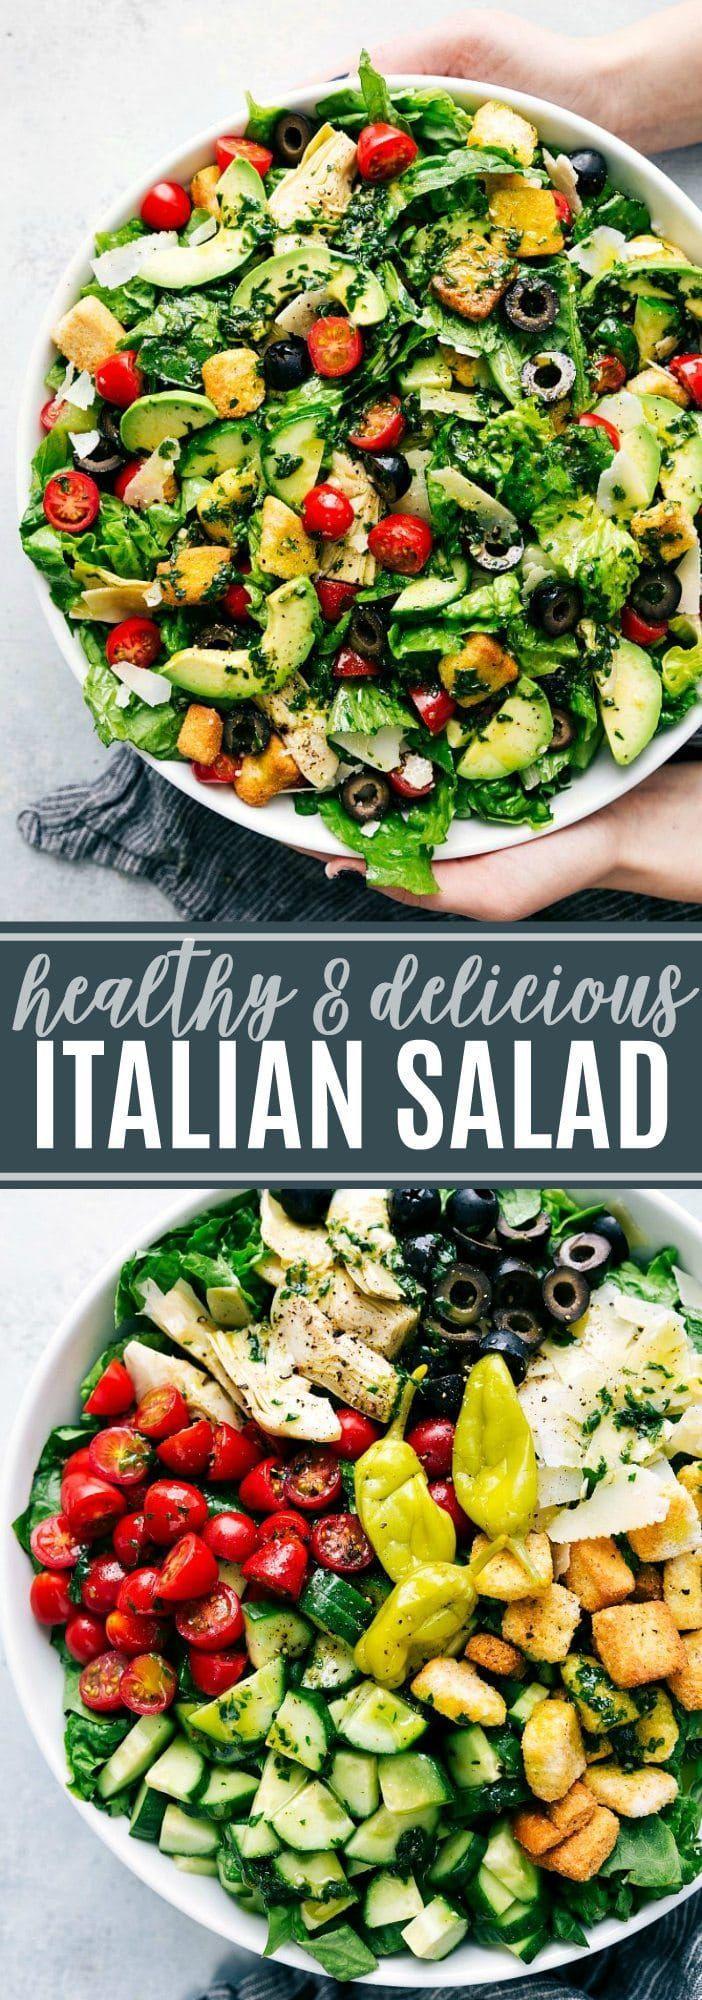 Italienischer Salat mit einem gesunden Kräuter-Dressing! #salat #grün #salat #einfach #h … – Recipes